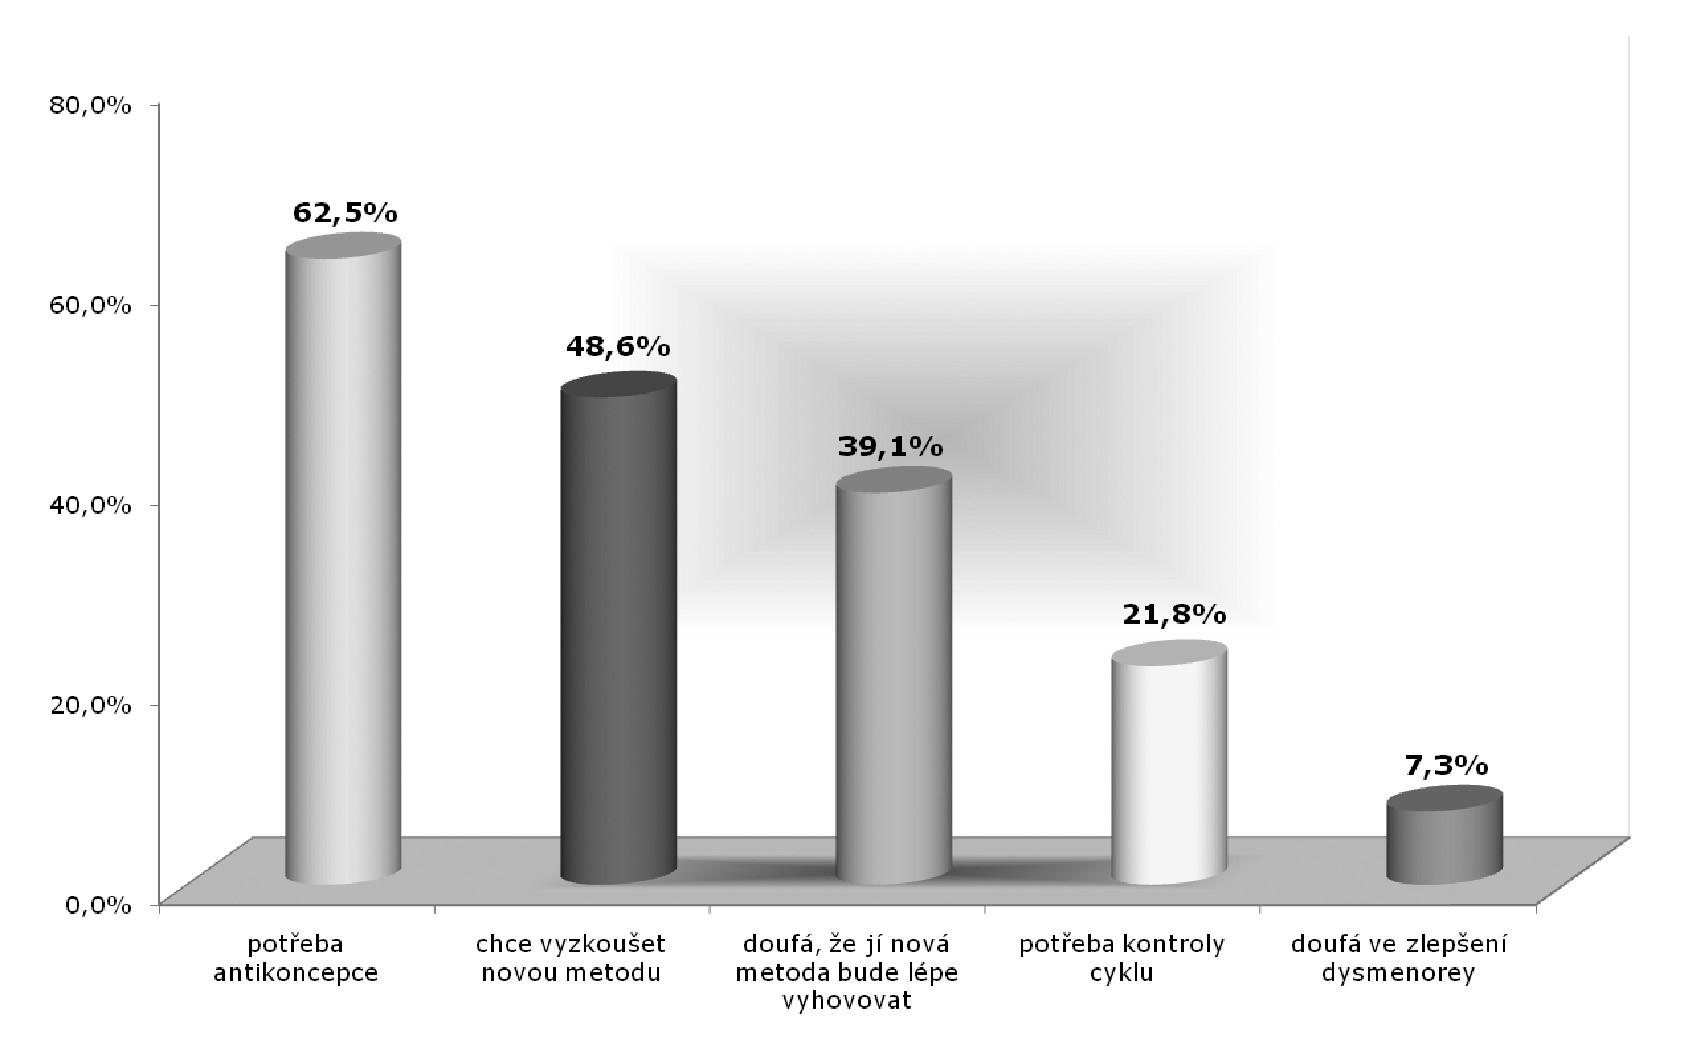 Důvody k zahájení užívání nové antikoncepční metody (% uživatelek)